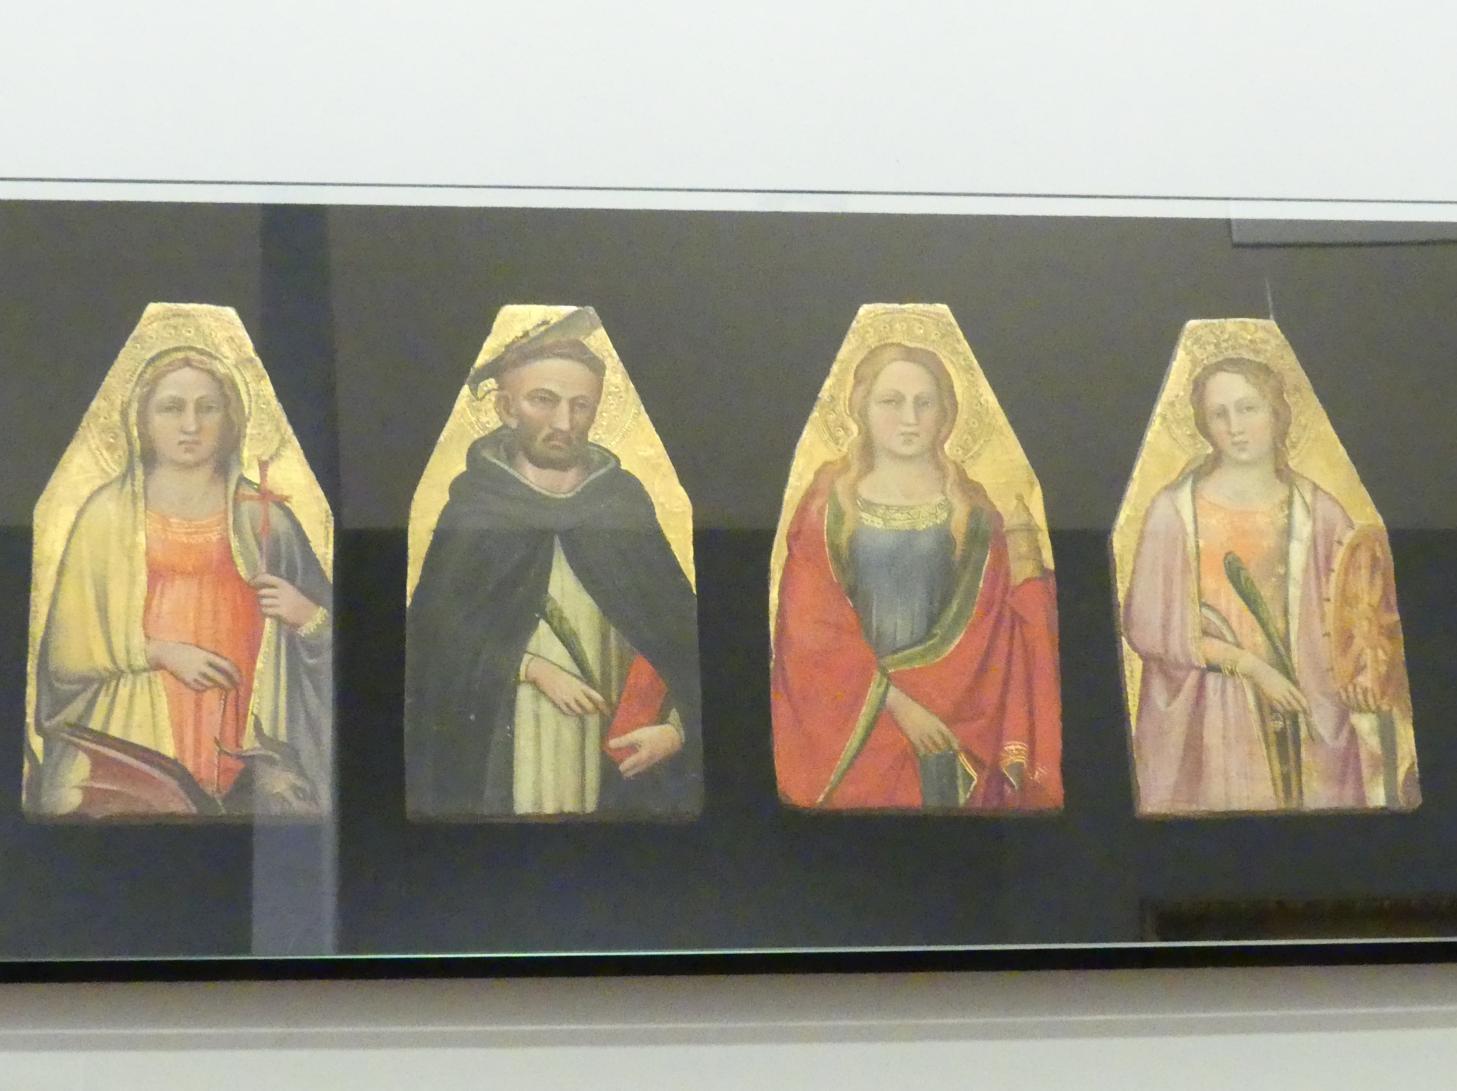 Spinello Aretino: Die heiligen Margareta, Petrus Martyr, Maria Magdalena und Katharina, nach 1400